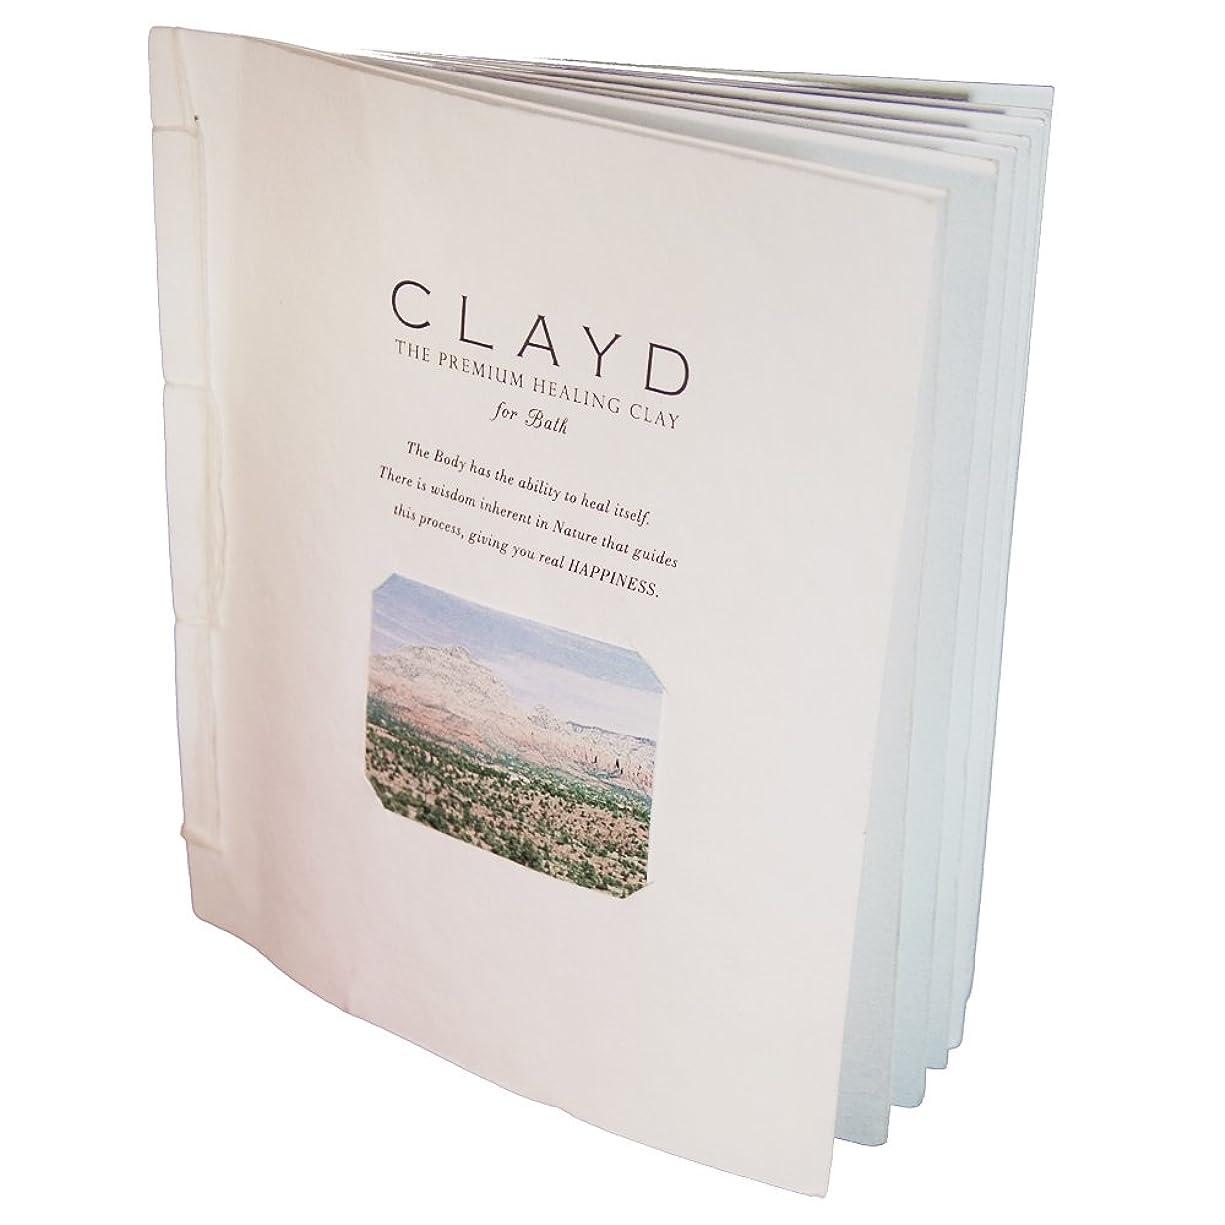 着替える避けられないナイトスポットクレイド WEEK BOOK 30g×7包